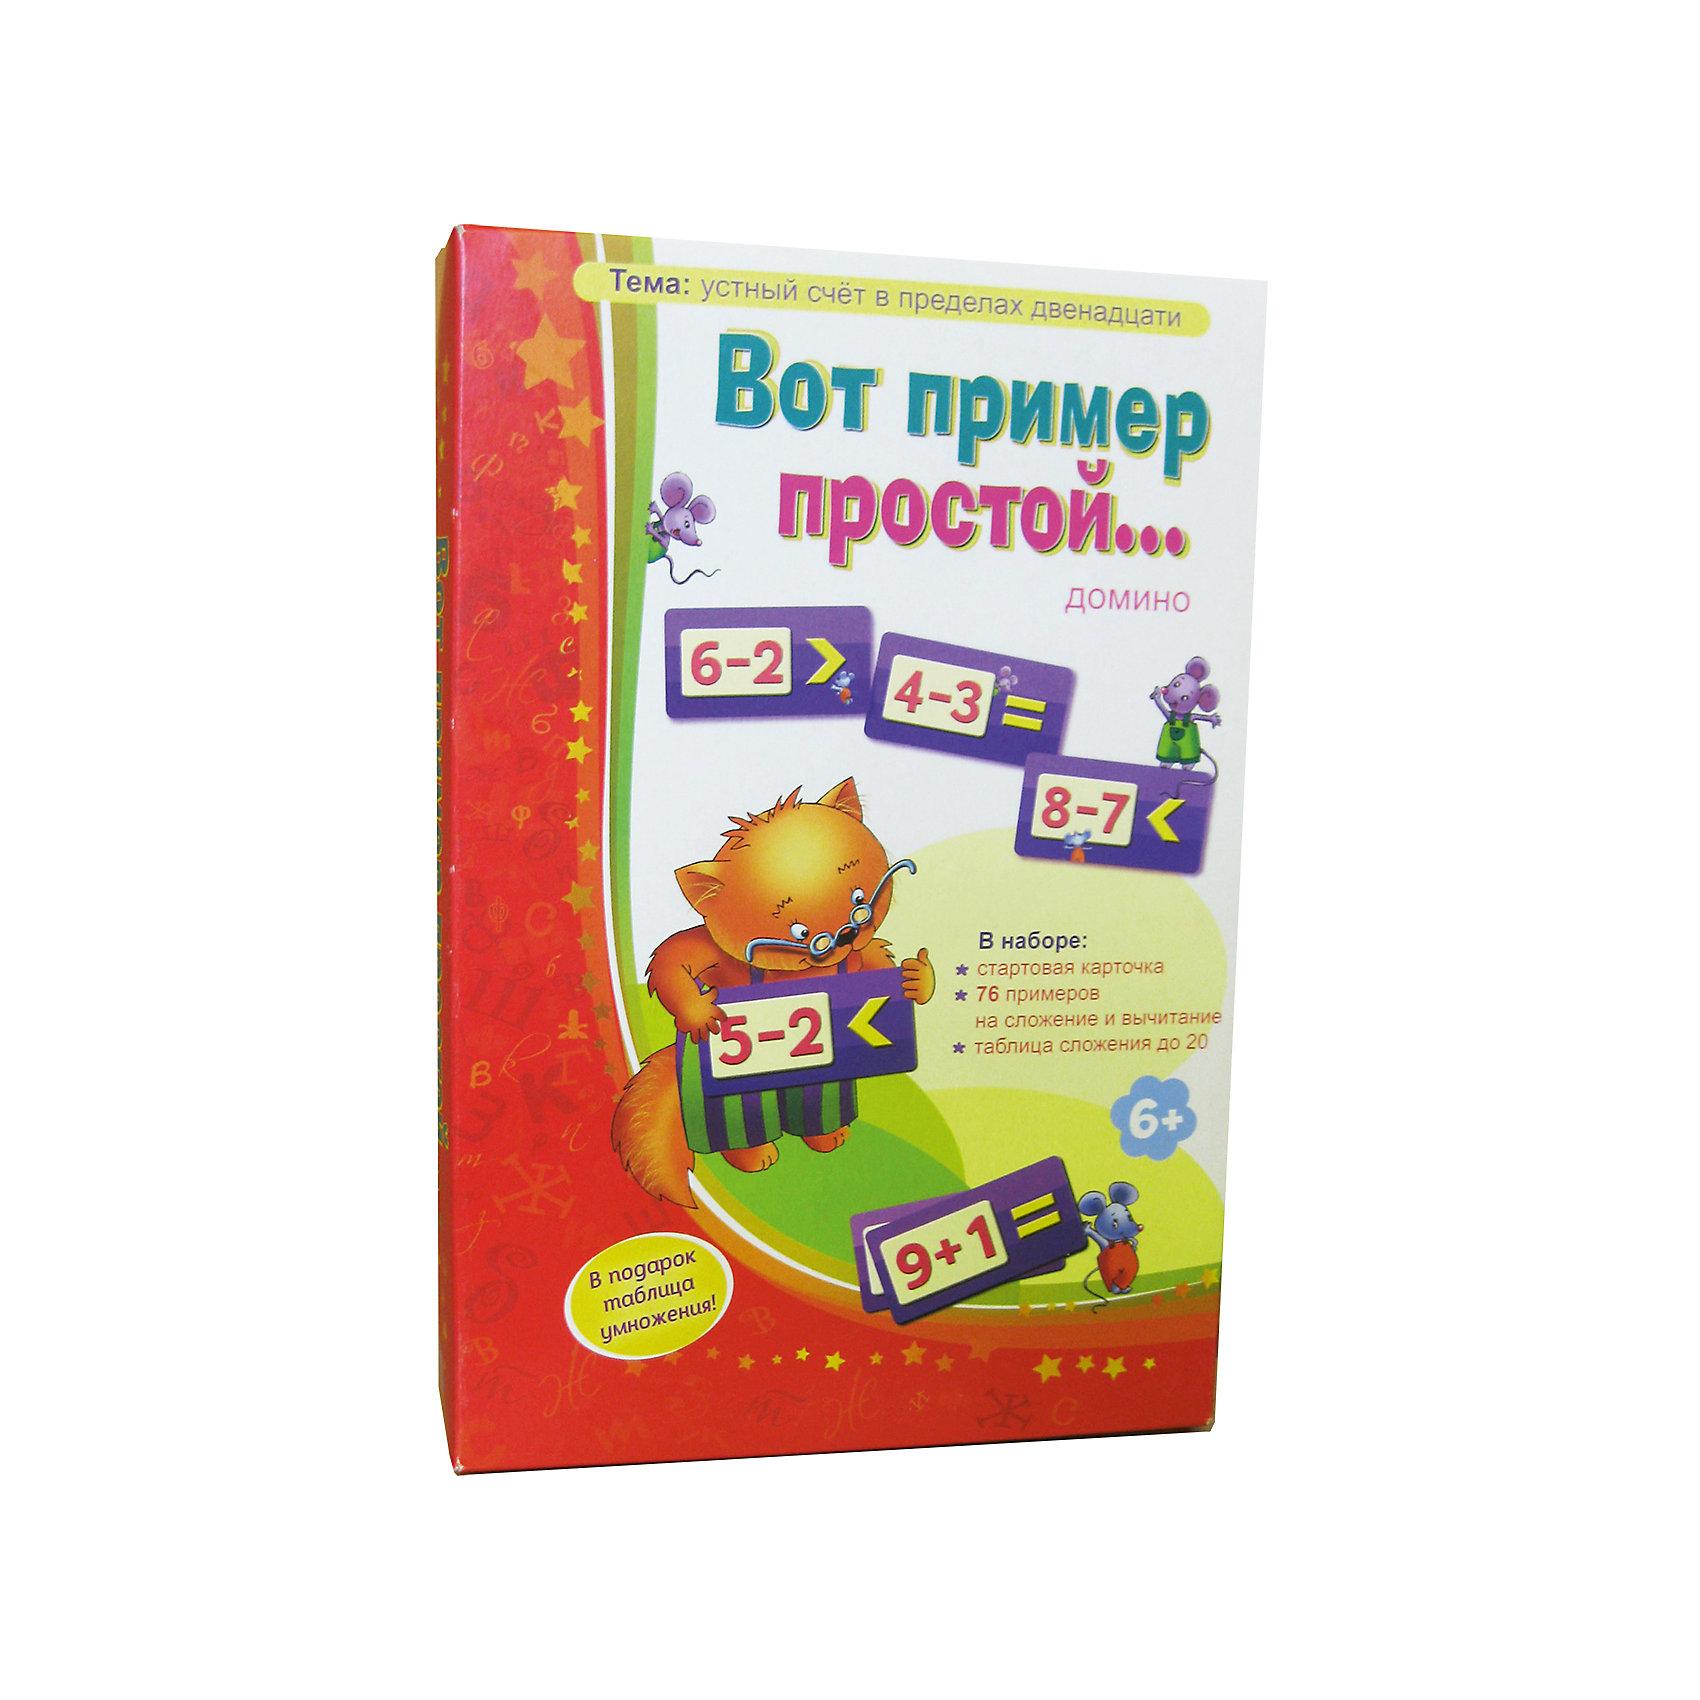 Домино Вот пример простой …, Игротека Татьяны БарчанДомино<br>Домино Вот пример простой…, Игротека Татьяны Барчан.<br><br>Характеристики:<br><br>• Для детей в возрасте: от 6 до 8 лет<br>• В комплекте: стартовая карточка («старт» – «от 10» на одной стороне, «от 12» – на обороте), таблица сложения до 20, 38 двухсторонних карточек с примерами и знаками, инструкция<br>• Тема: Устный счет в пределах двенадцати<br>• Материал: плотный качественный картон<br>• Производитель: ЦОТР Ребус (Россия)<br>• Упаковка: картонная коробка<br>• Размер упаковки: 270х182х40 мм.<br>• Вес: 306 гр.<br><br>Математическое домино поможет ребятам младшего школьного возраста закрепить навыки устного счета в пределах 12. В этой игре требуется не только правильно решить пример, но и сравнить полученный результат с ответом предыдущего игрока для соответствия знаков больше, меньше или равно. <br><br>В начале игры ведущий раздает участникам по 5-6 карточек домино, а остальные карточки помещаются в так называемый базар. Каждая карточка, как и в обычном домино, разделена на две части. Слева - примеры, а справа математические знаки. Карточки двухсторонние, на одной стороне пример на сложение, на другой – пример на вычитание. На стол выкладывается стартовая карточка, в центре которой нарисован цифра «10», а по краям знаки: больше, меньше, равно. <br><br>Задача игроков решить пример и правильно расположить карточку-домино по отношению к знаку, и таким образом построить цепочки из карточек, внимательно следя за знаками. В случае, когда у игрока нет подходящей карточки с ответом, он может воспользоваться базаром, взяв одну карточку снизу стопки. <br><br>Победителем игры становится тот, кто первым избавится от всех своих карточек домино. Проверить, правильно ли решен пример, можно по входящей в комплект таблице на сложение.<br><br>Домино Вот пример простой…, Игротека Татьяны Барчан можно купить в нашем интернет-магазине.<br><br>Ширина мм: 270<br>Глубина мм: 180<br>Высота мм: 40<br>Вес г: 297<br>Возраст от мес